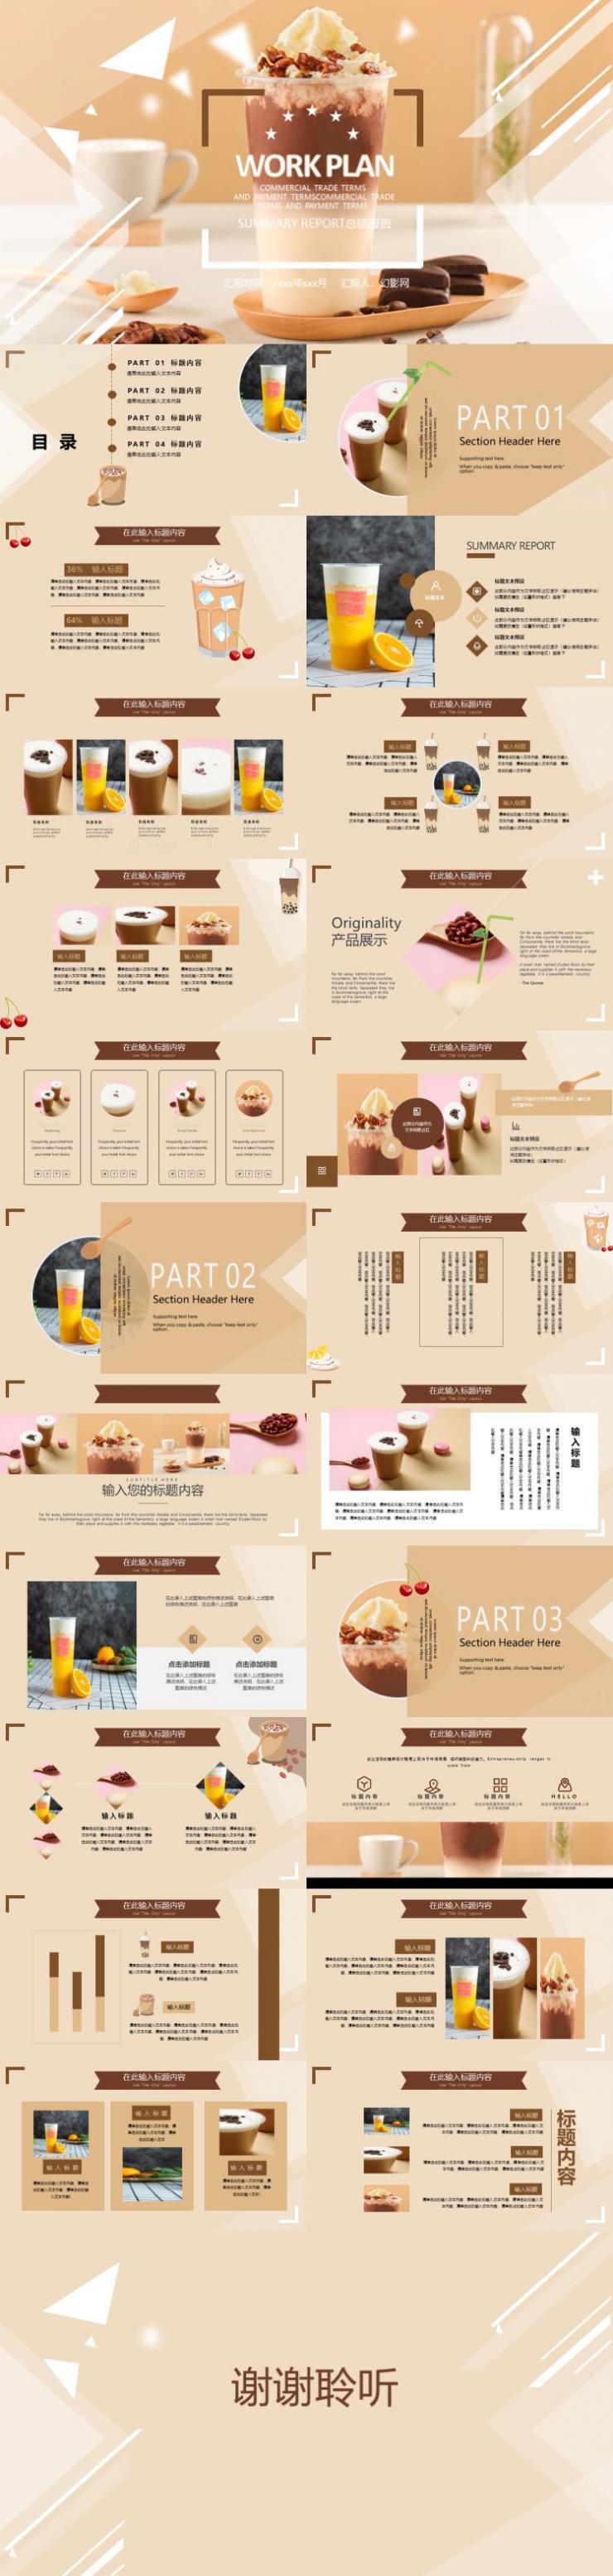 复古简约咖啡产品介绍下午茶咖啡厅PPT模板下载